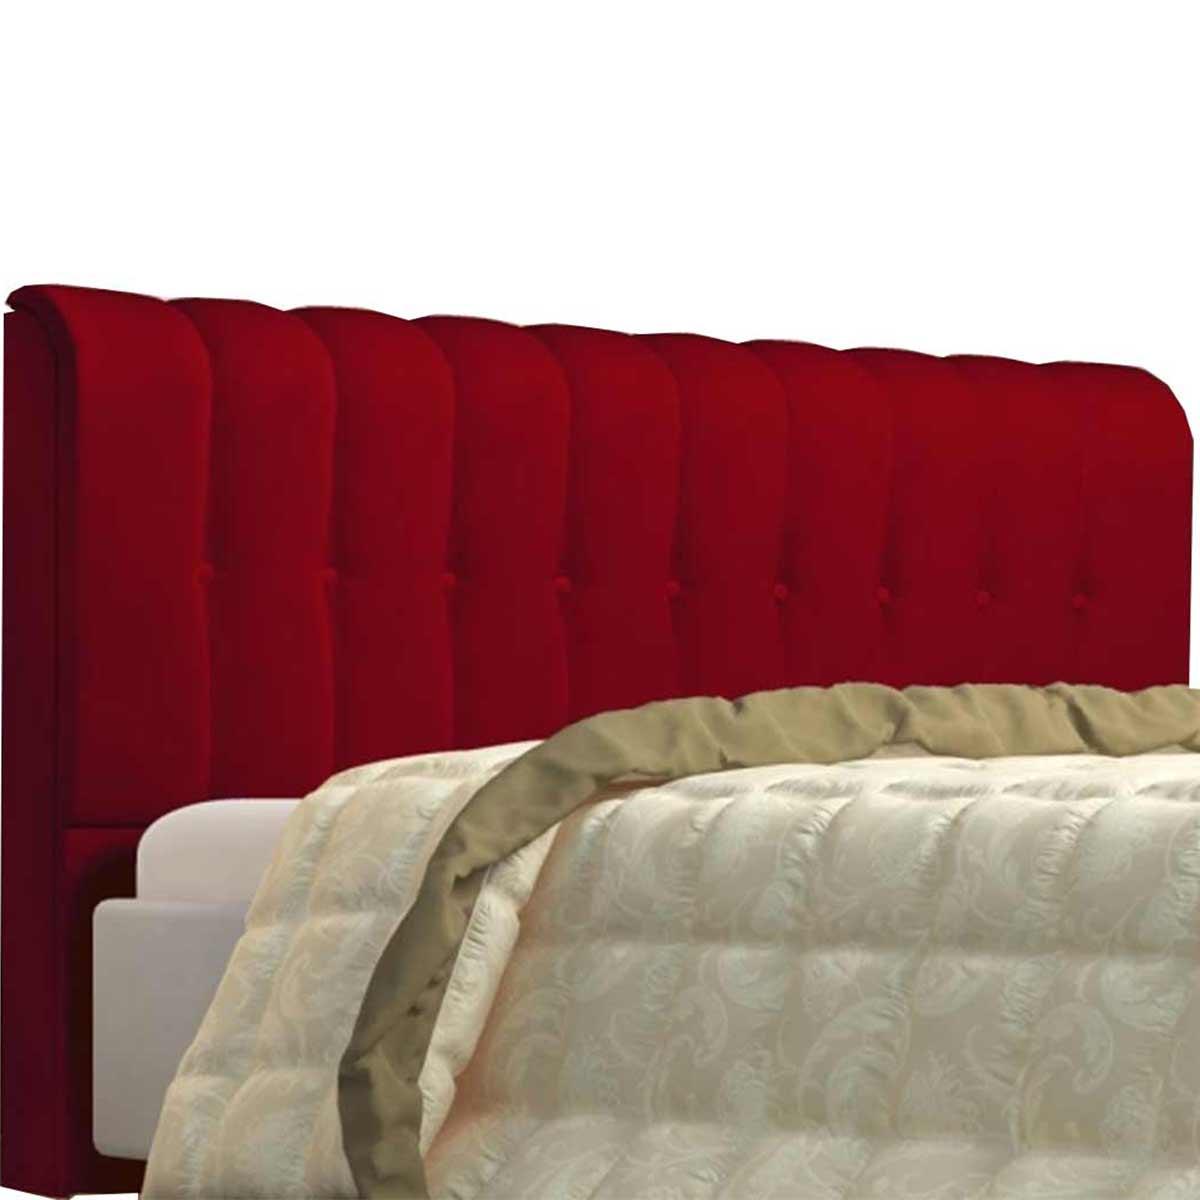 Cabeceira Solteiro Estofada Kiara 90 cm Veludo Vermelho